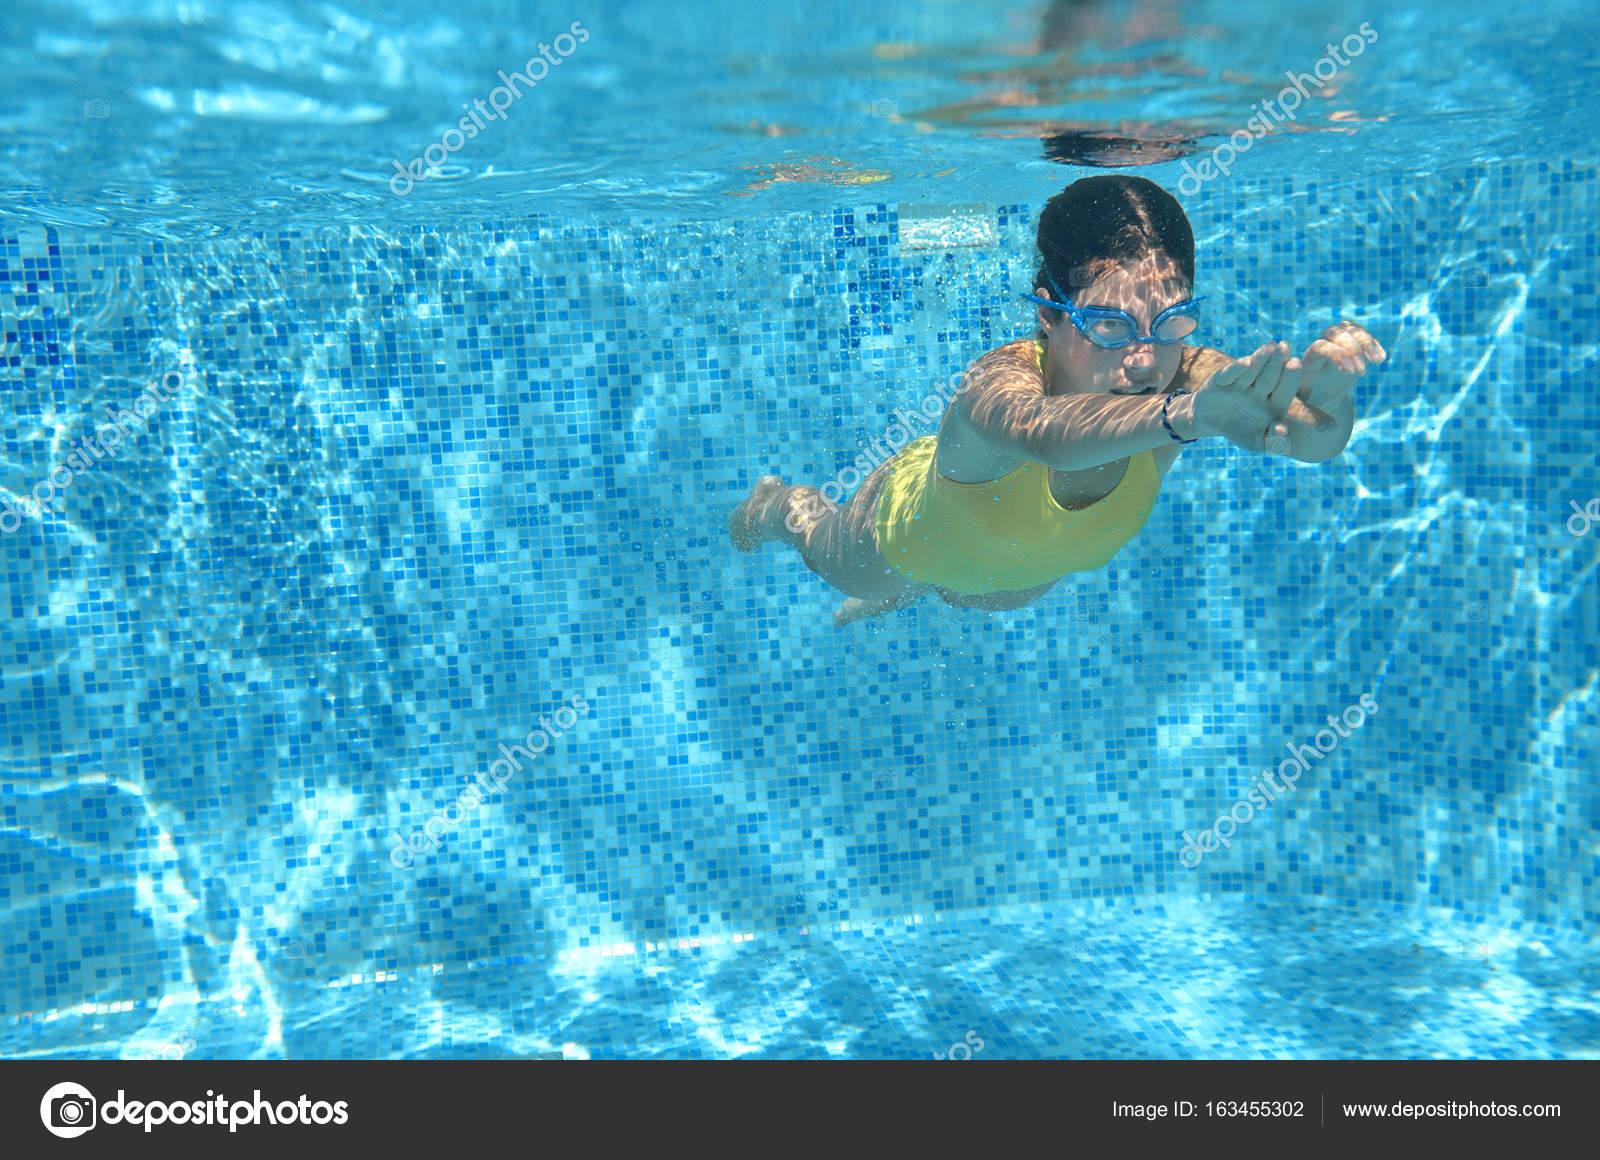 Diversion bajo el agua facebook nadador joven nataci n bajo el agua en la piscina y tiene - Agua de la piscina turbia ...